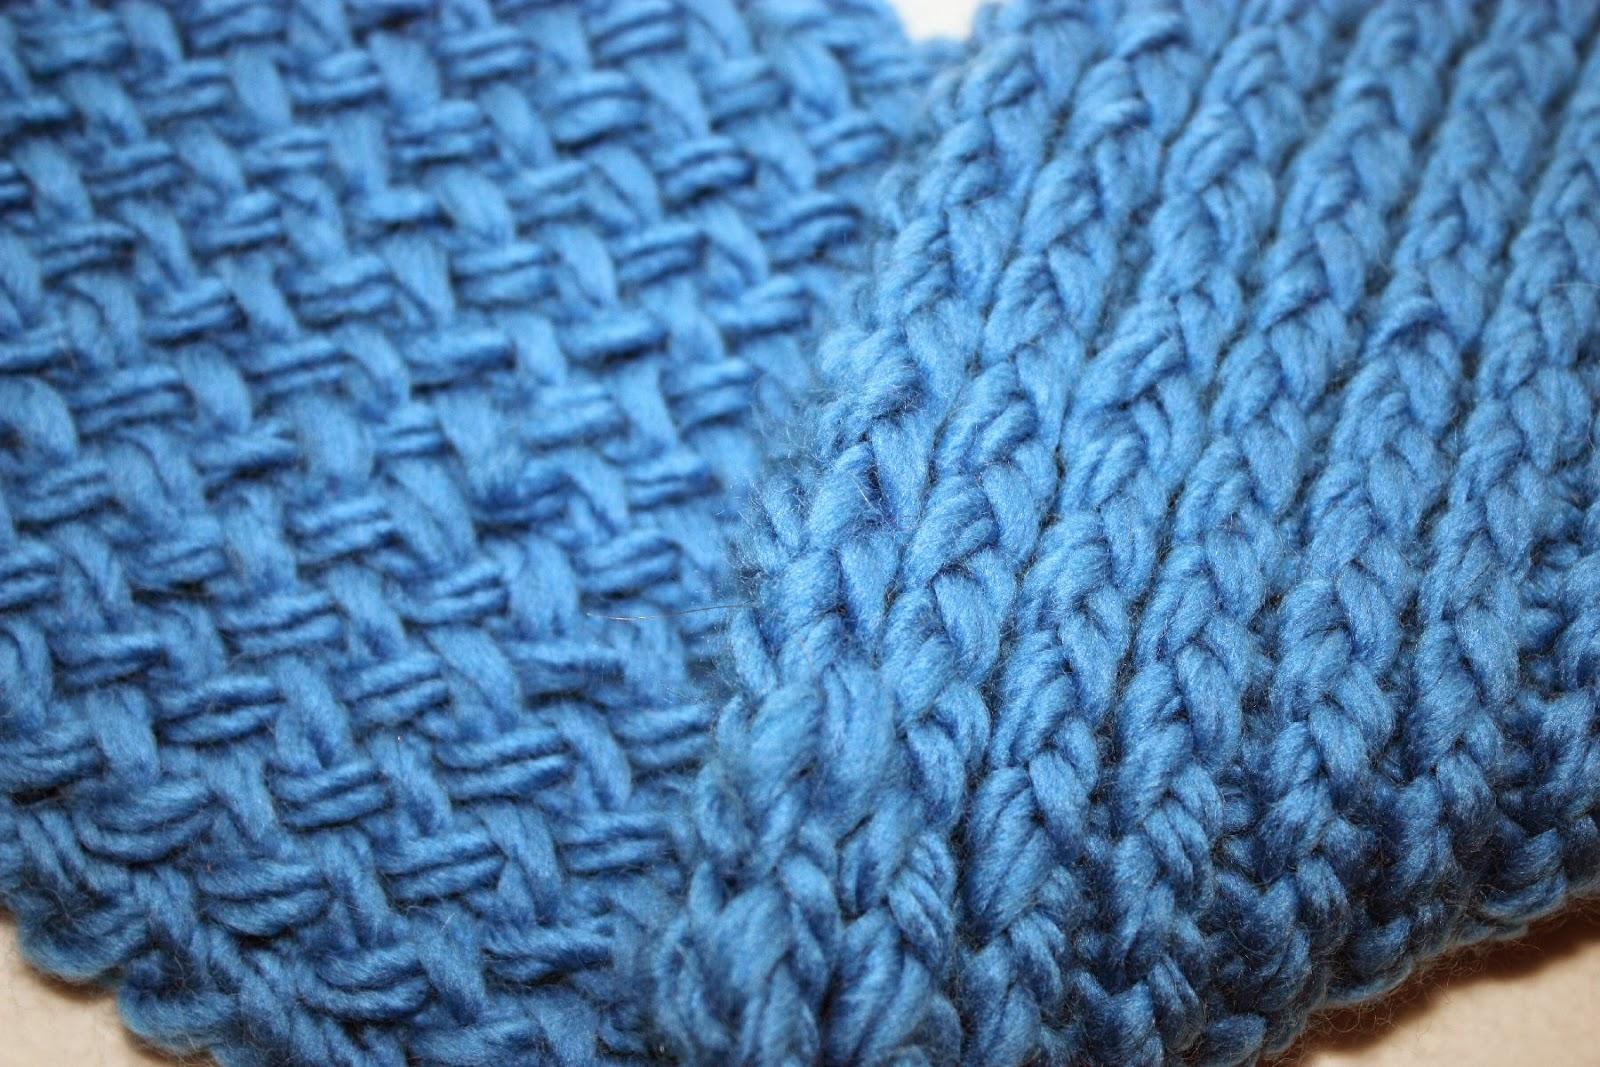 sjaal; breiraam; achtjessteek; breien; dubbelzijdig;